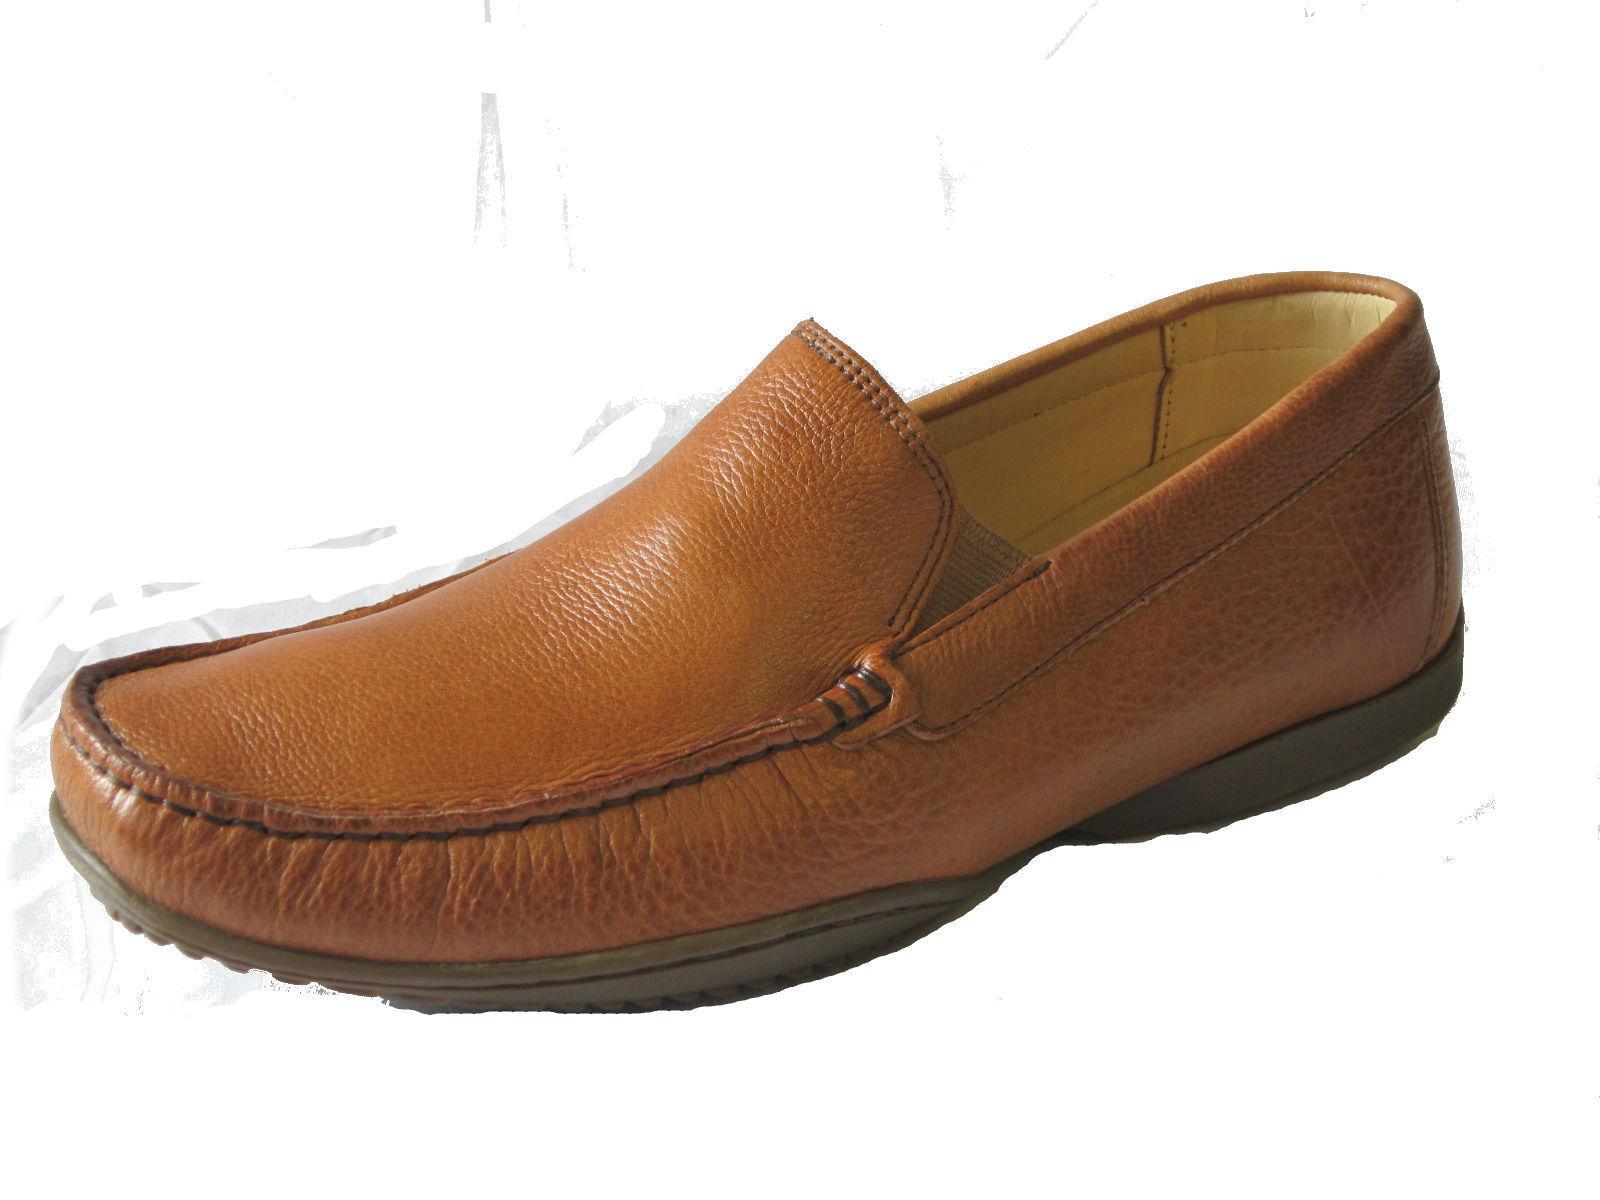 Herren Anatomic & Co Mokassin Stil Schuhe 'Tavares'